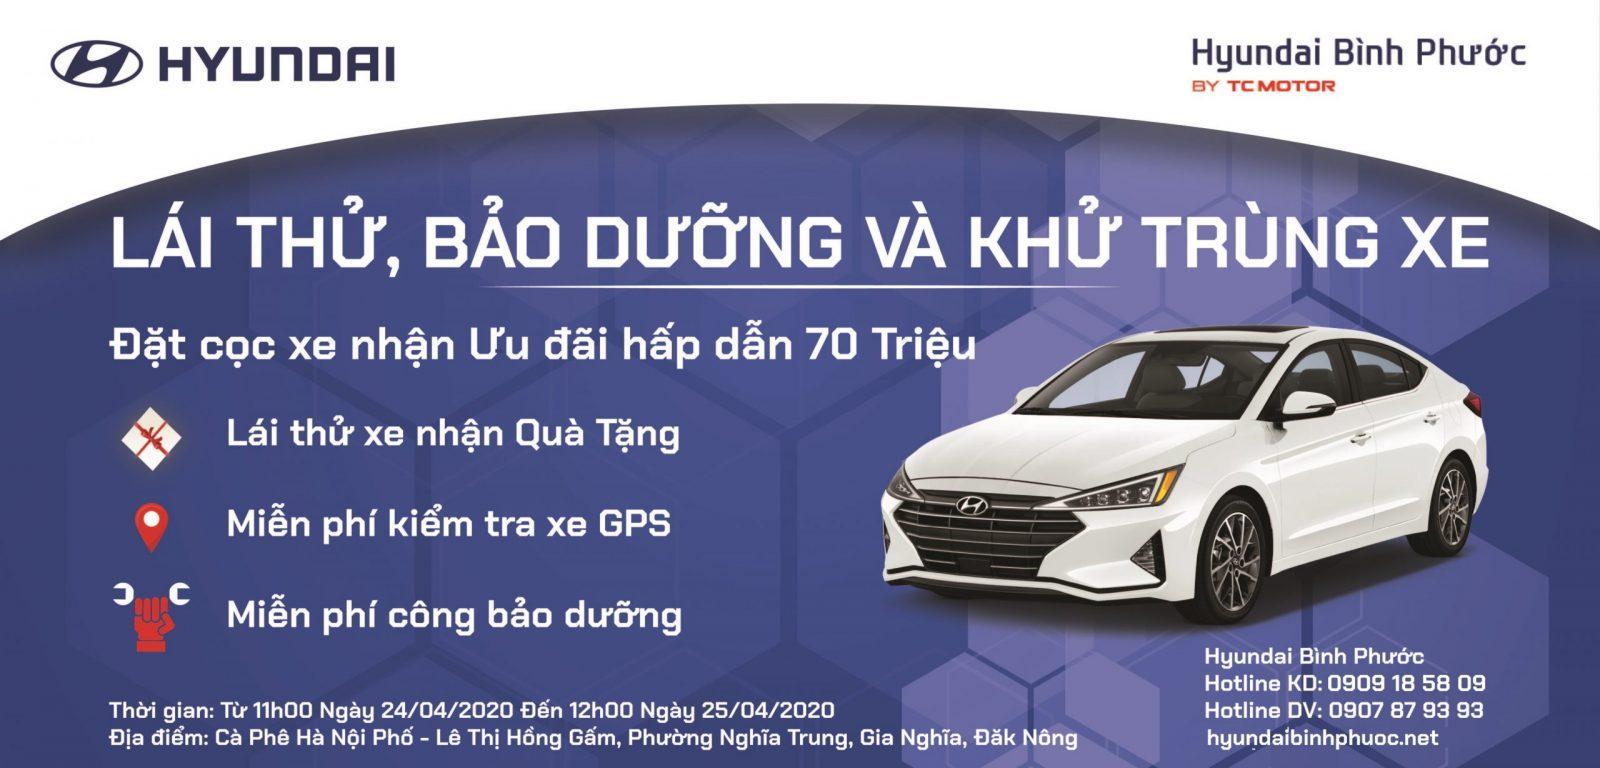 Ngày hội lái thử xe Hyundai và chăm sóc xe tại Đăk Nông